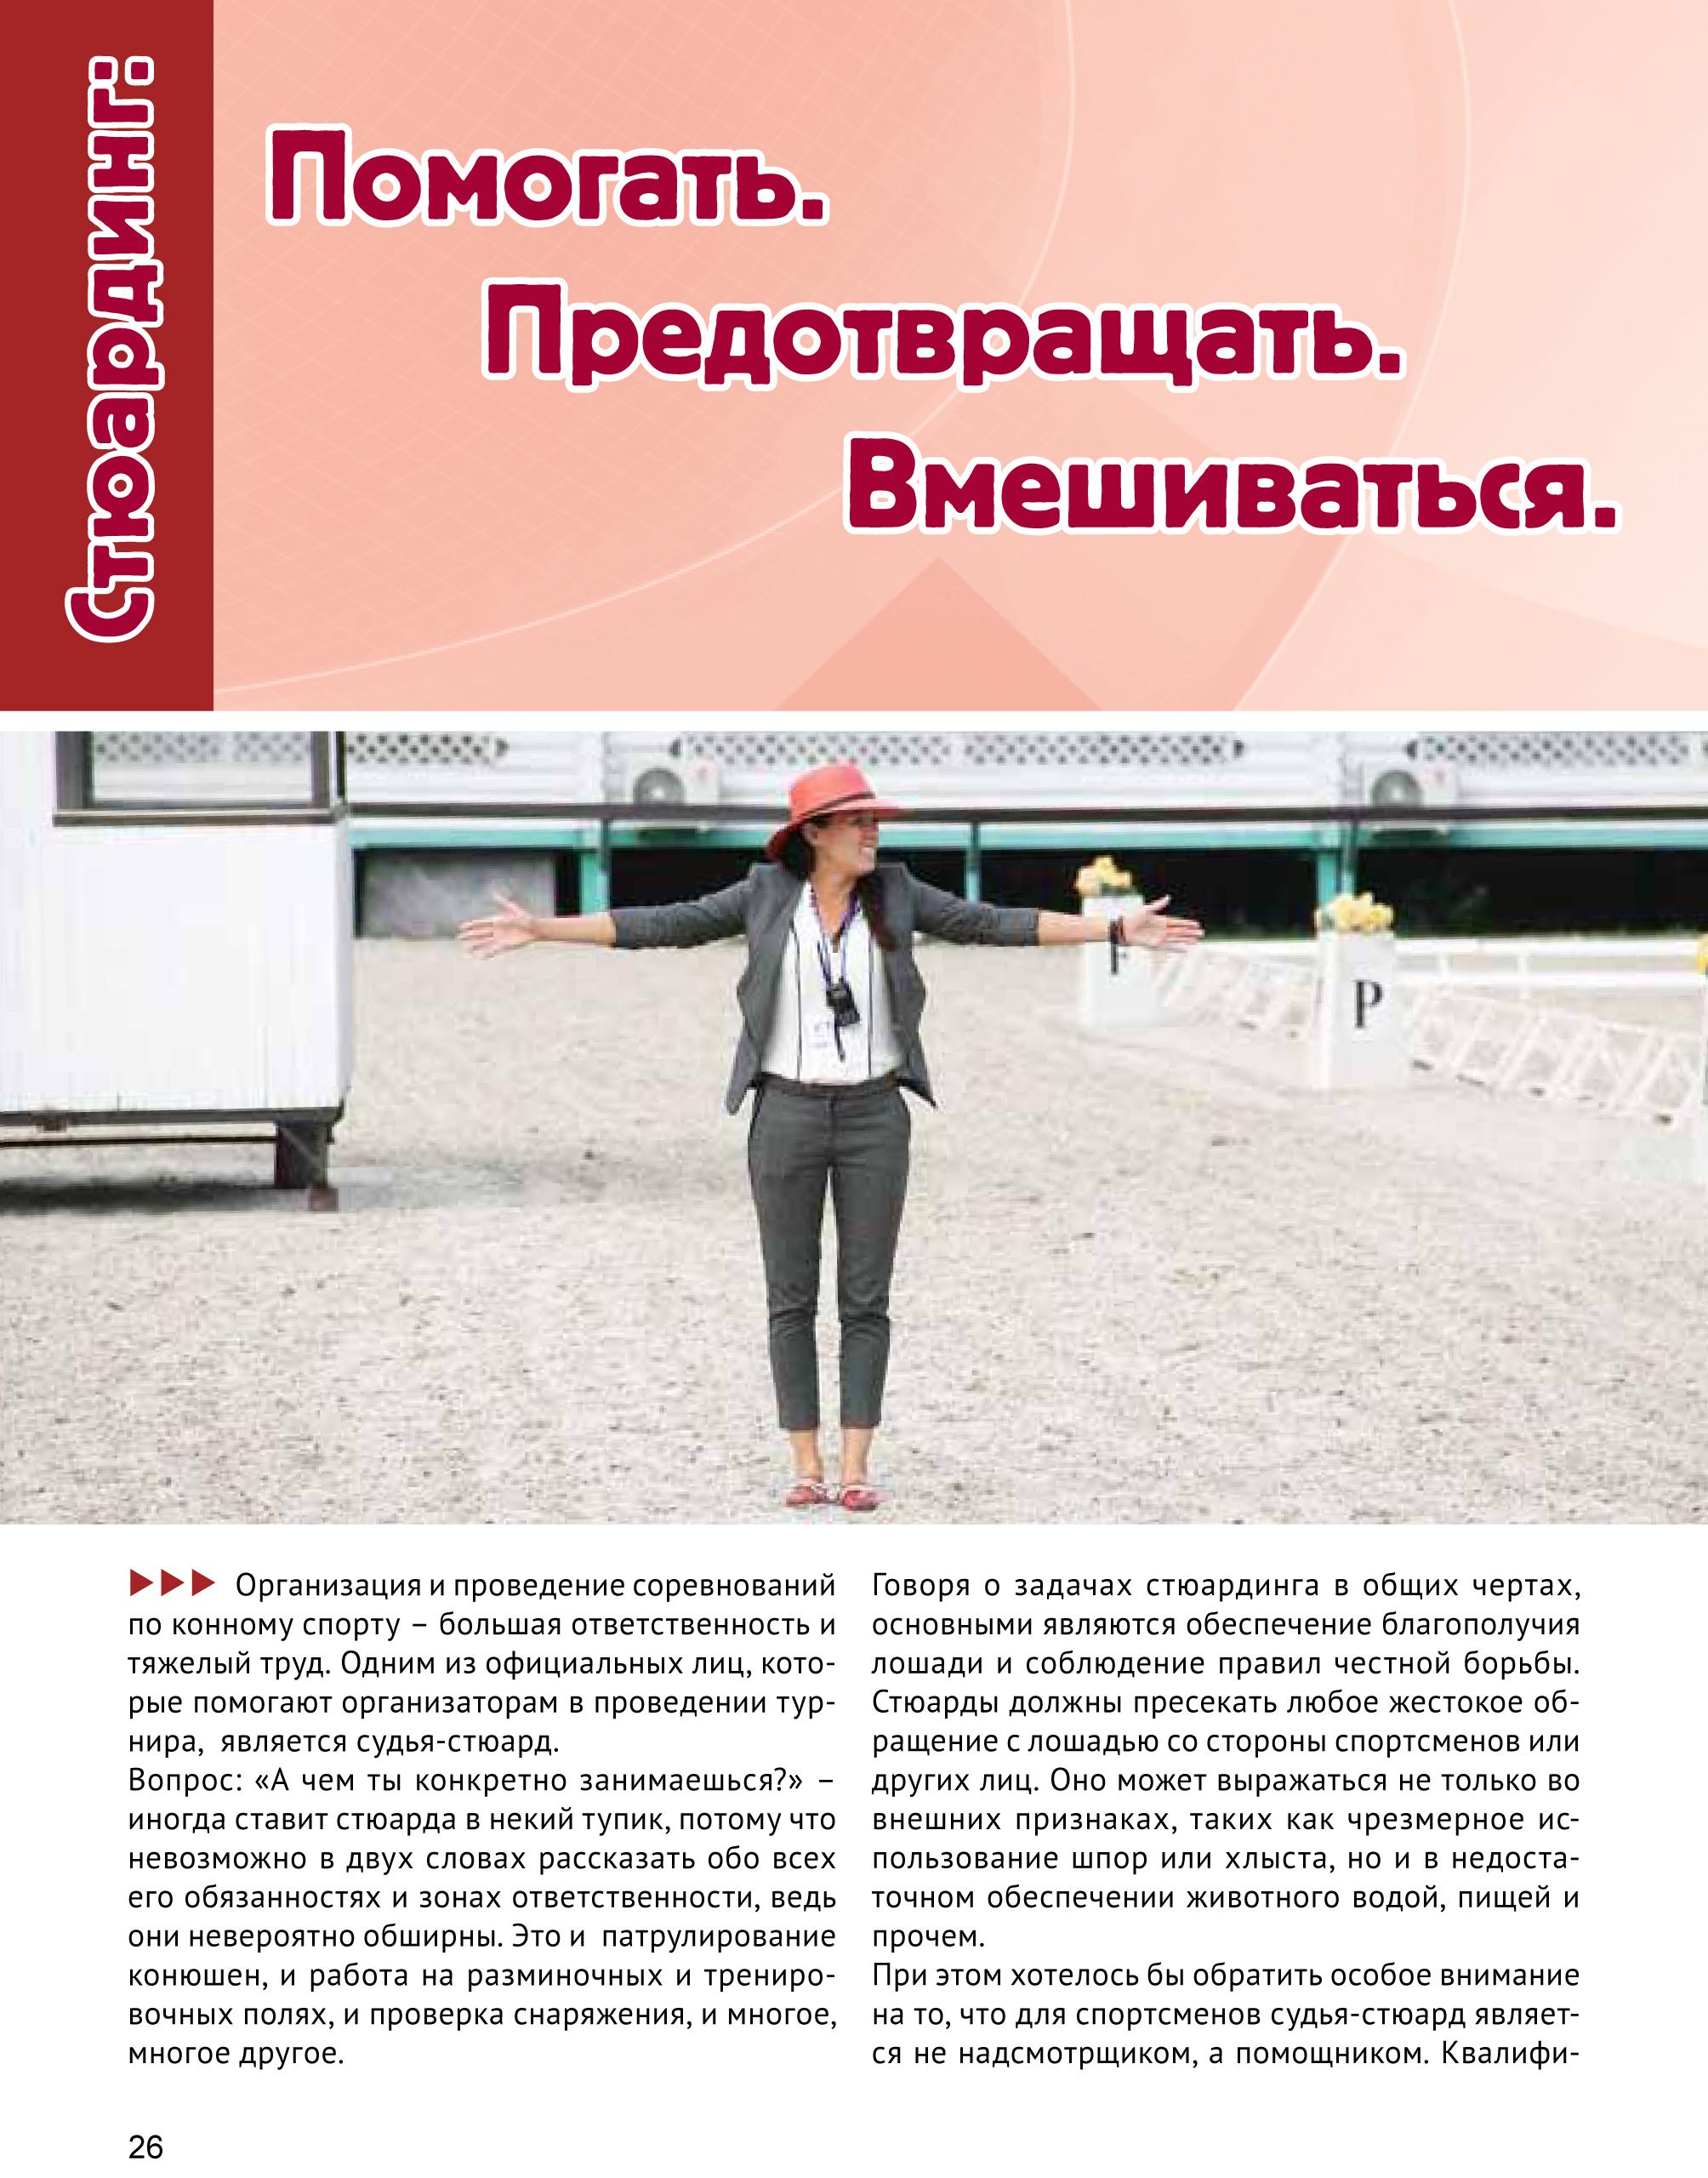 Book 3 2018small-26Obrazov1